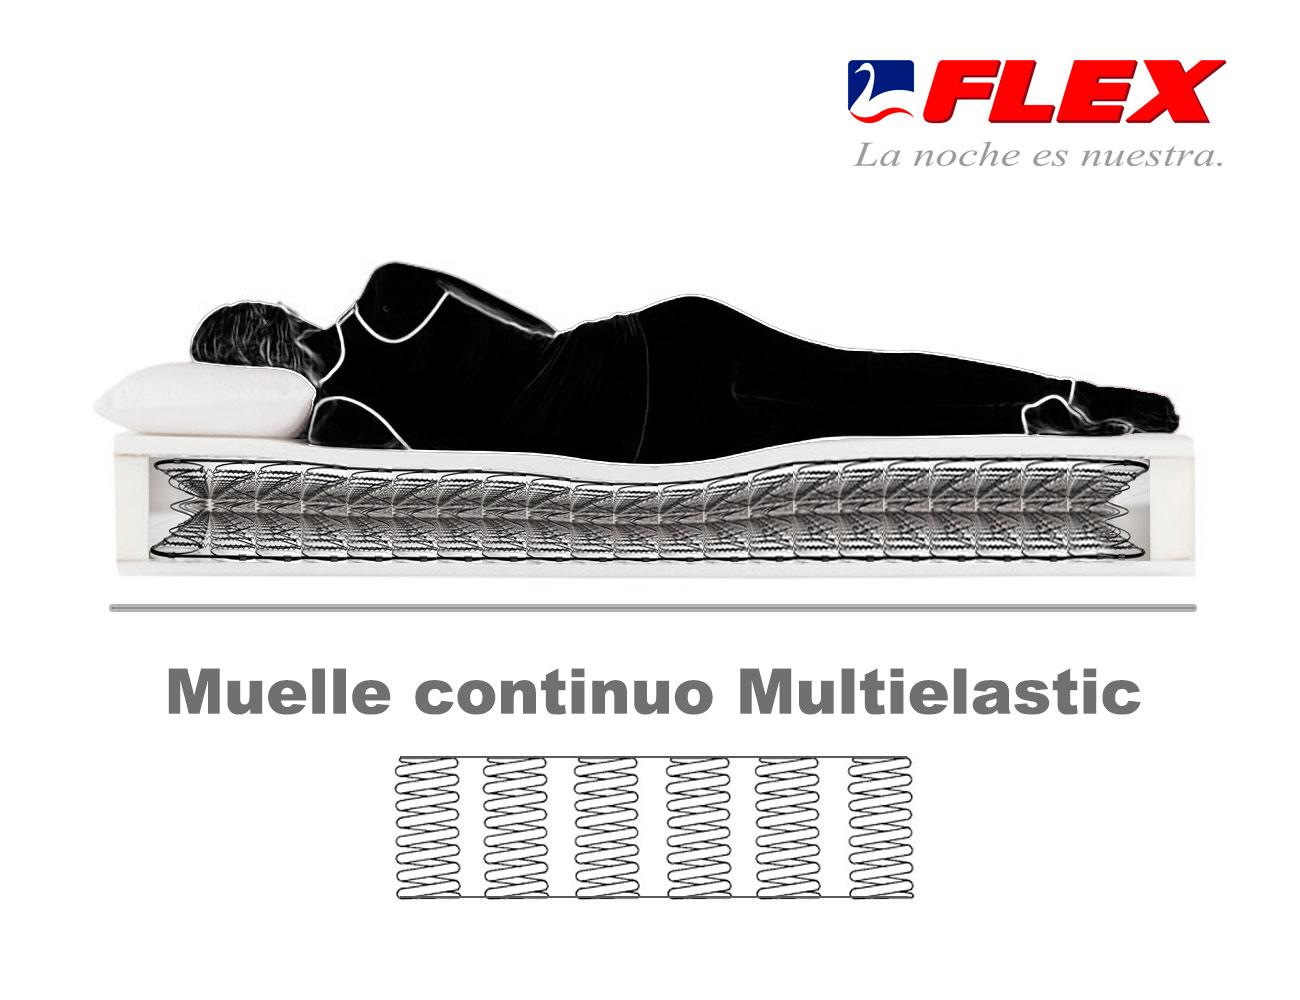 Muelle continuo multielastic flex1